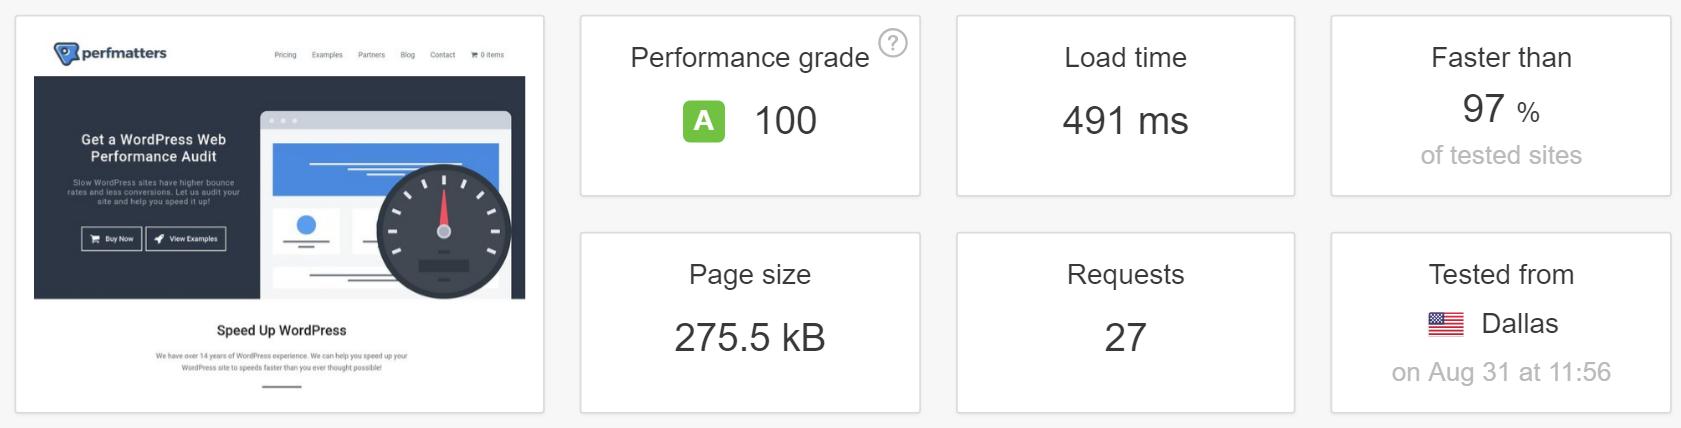 آزمایش دوباره وب سایت توسط Pingdom (عملیات کش)